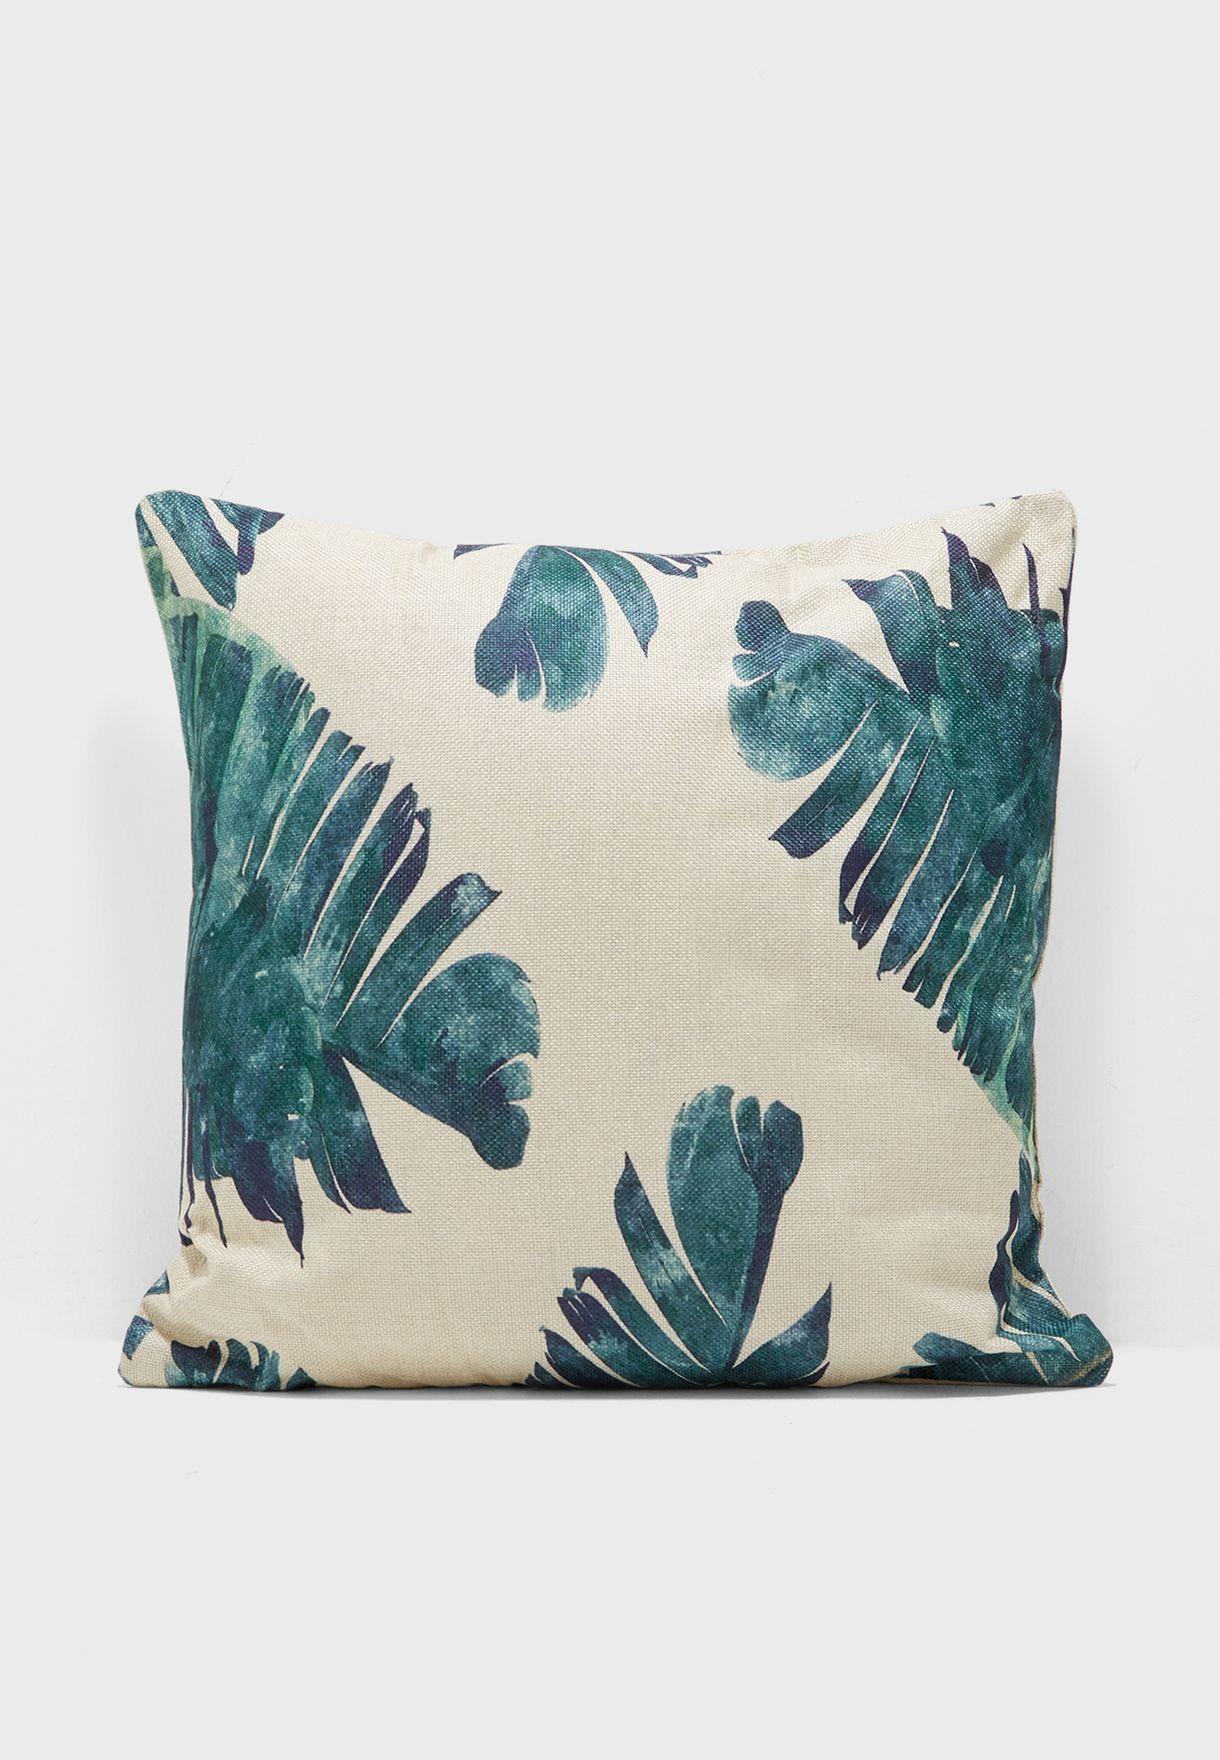 Palm Leaf Print Cushion Insert Included 45x45cm